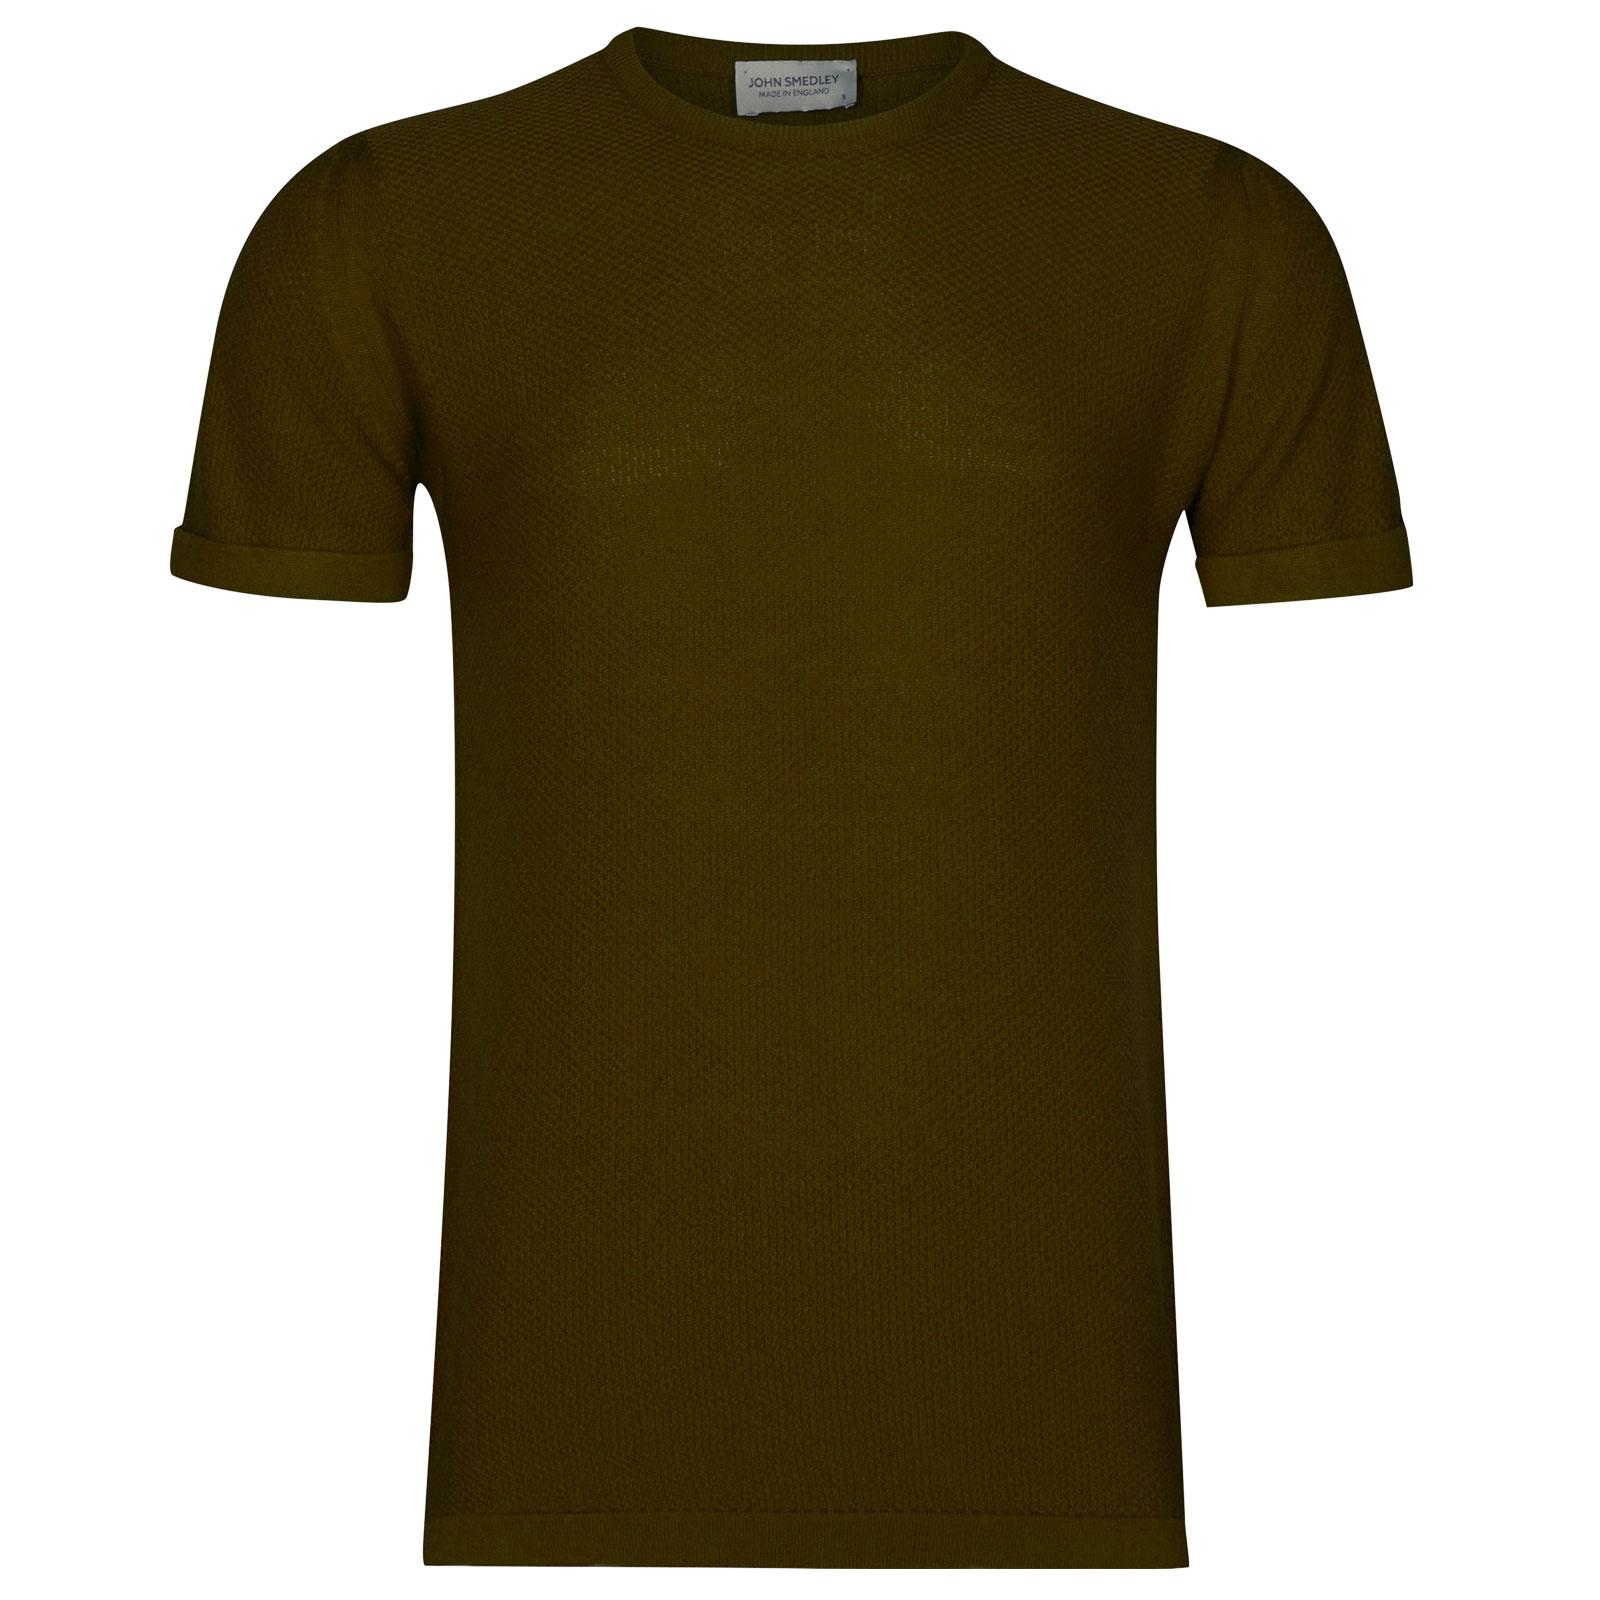 2Singular in Khaki T-Shirt-MED